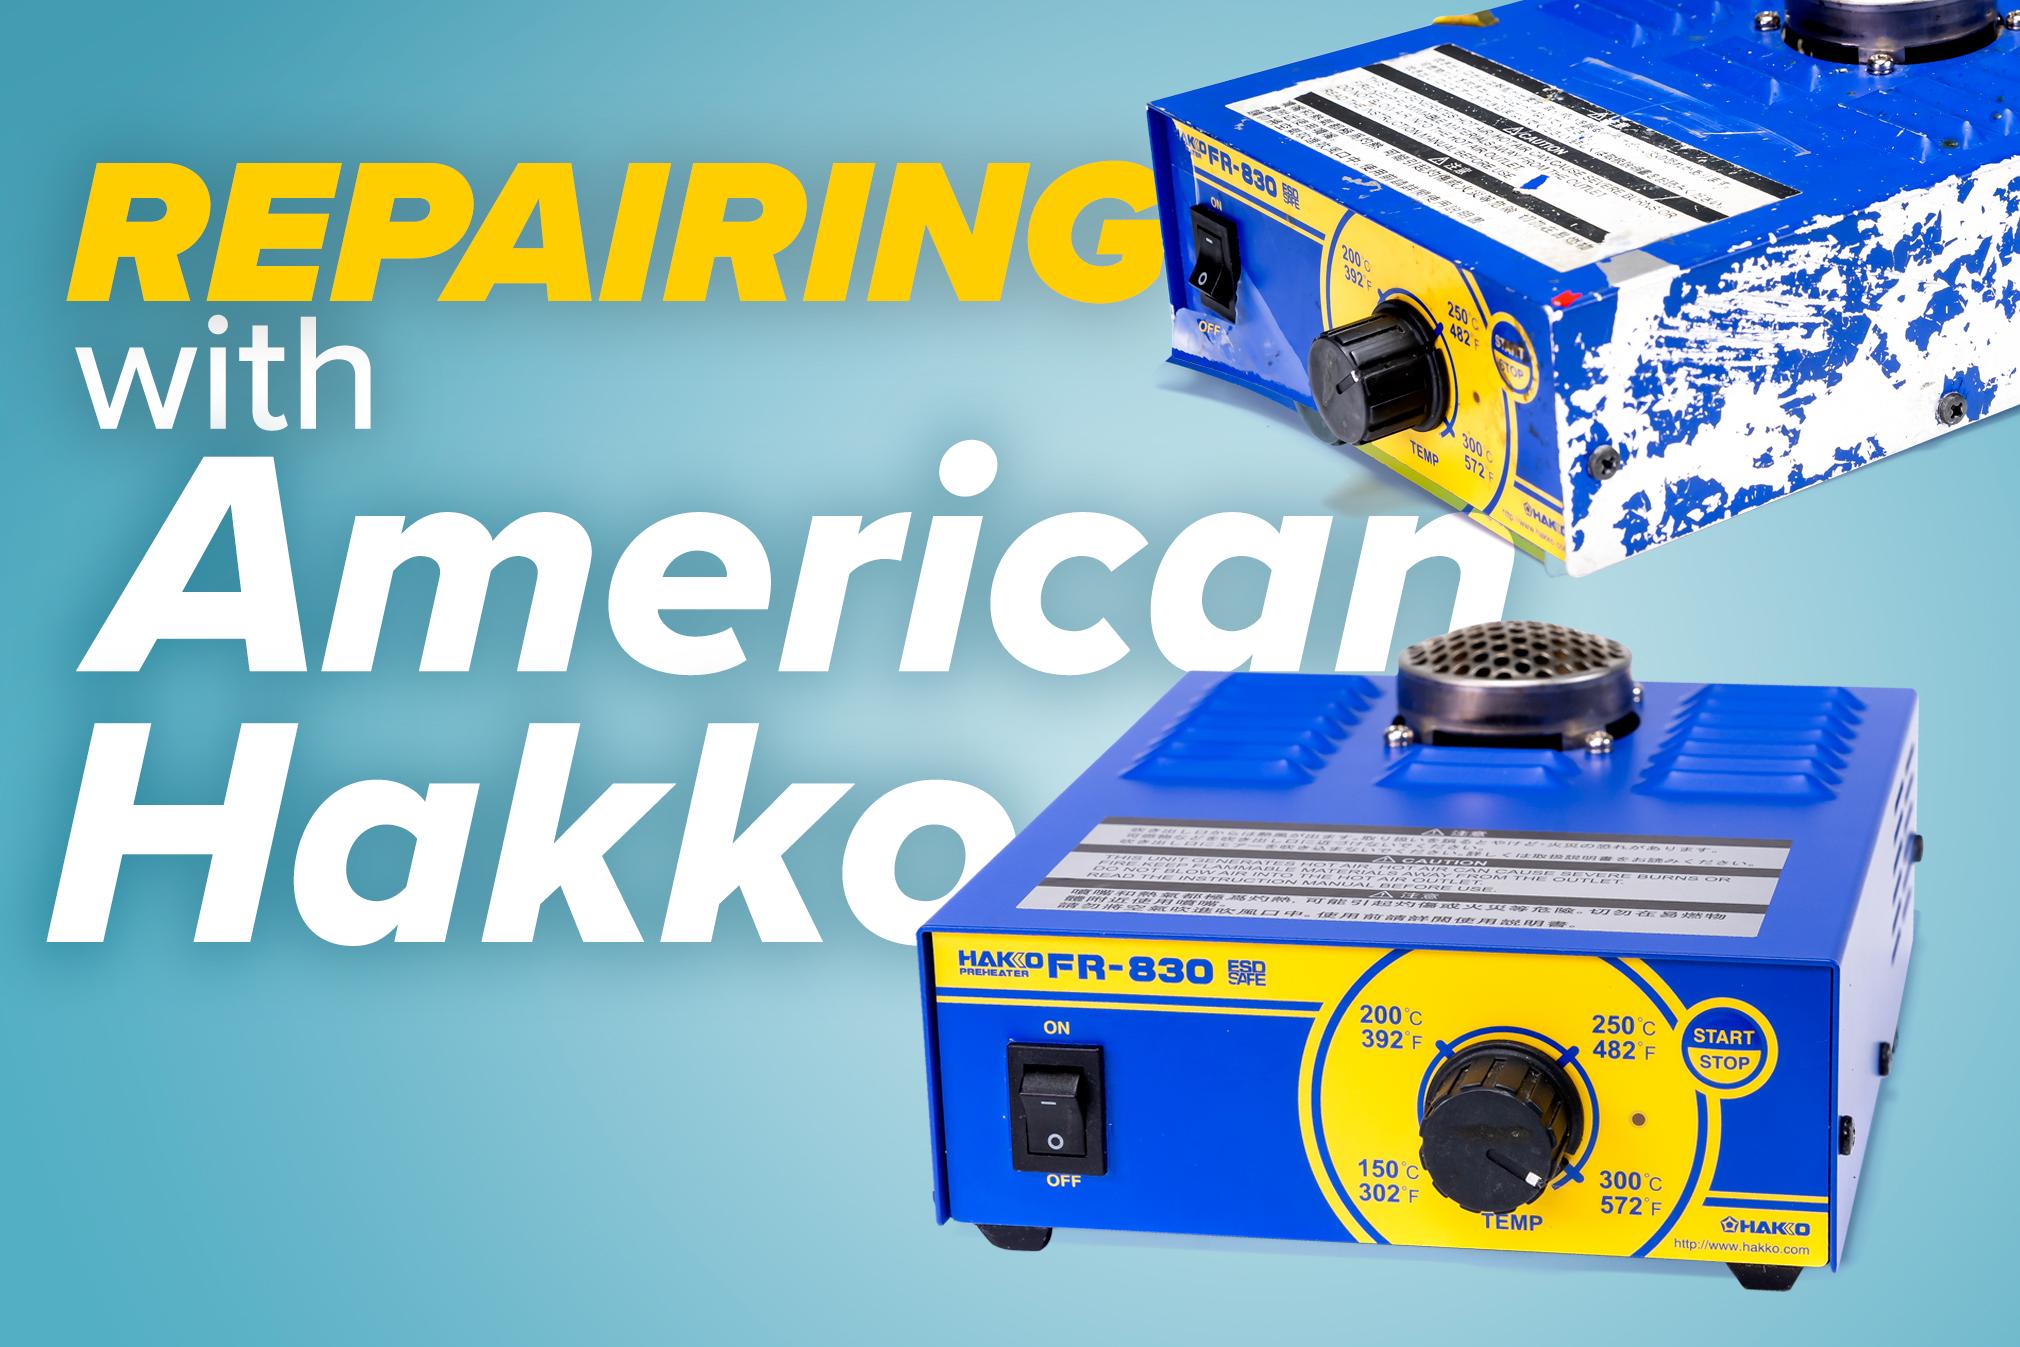 Repairing with American Hakko